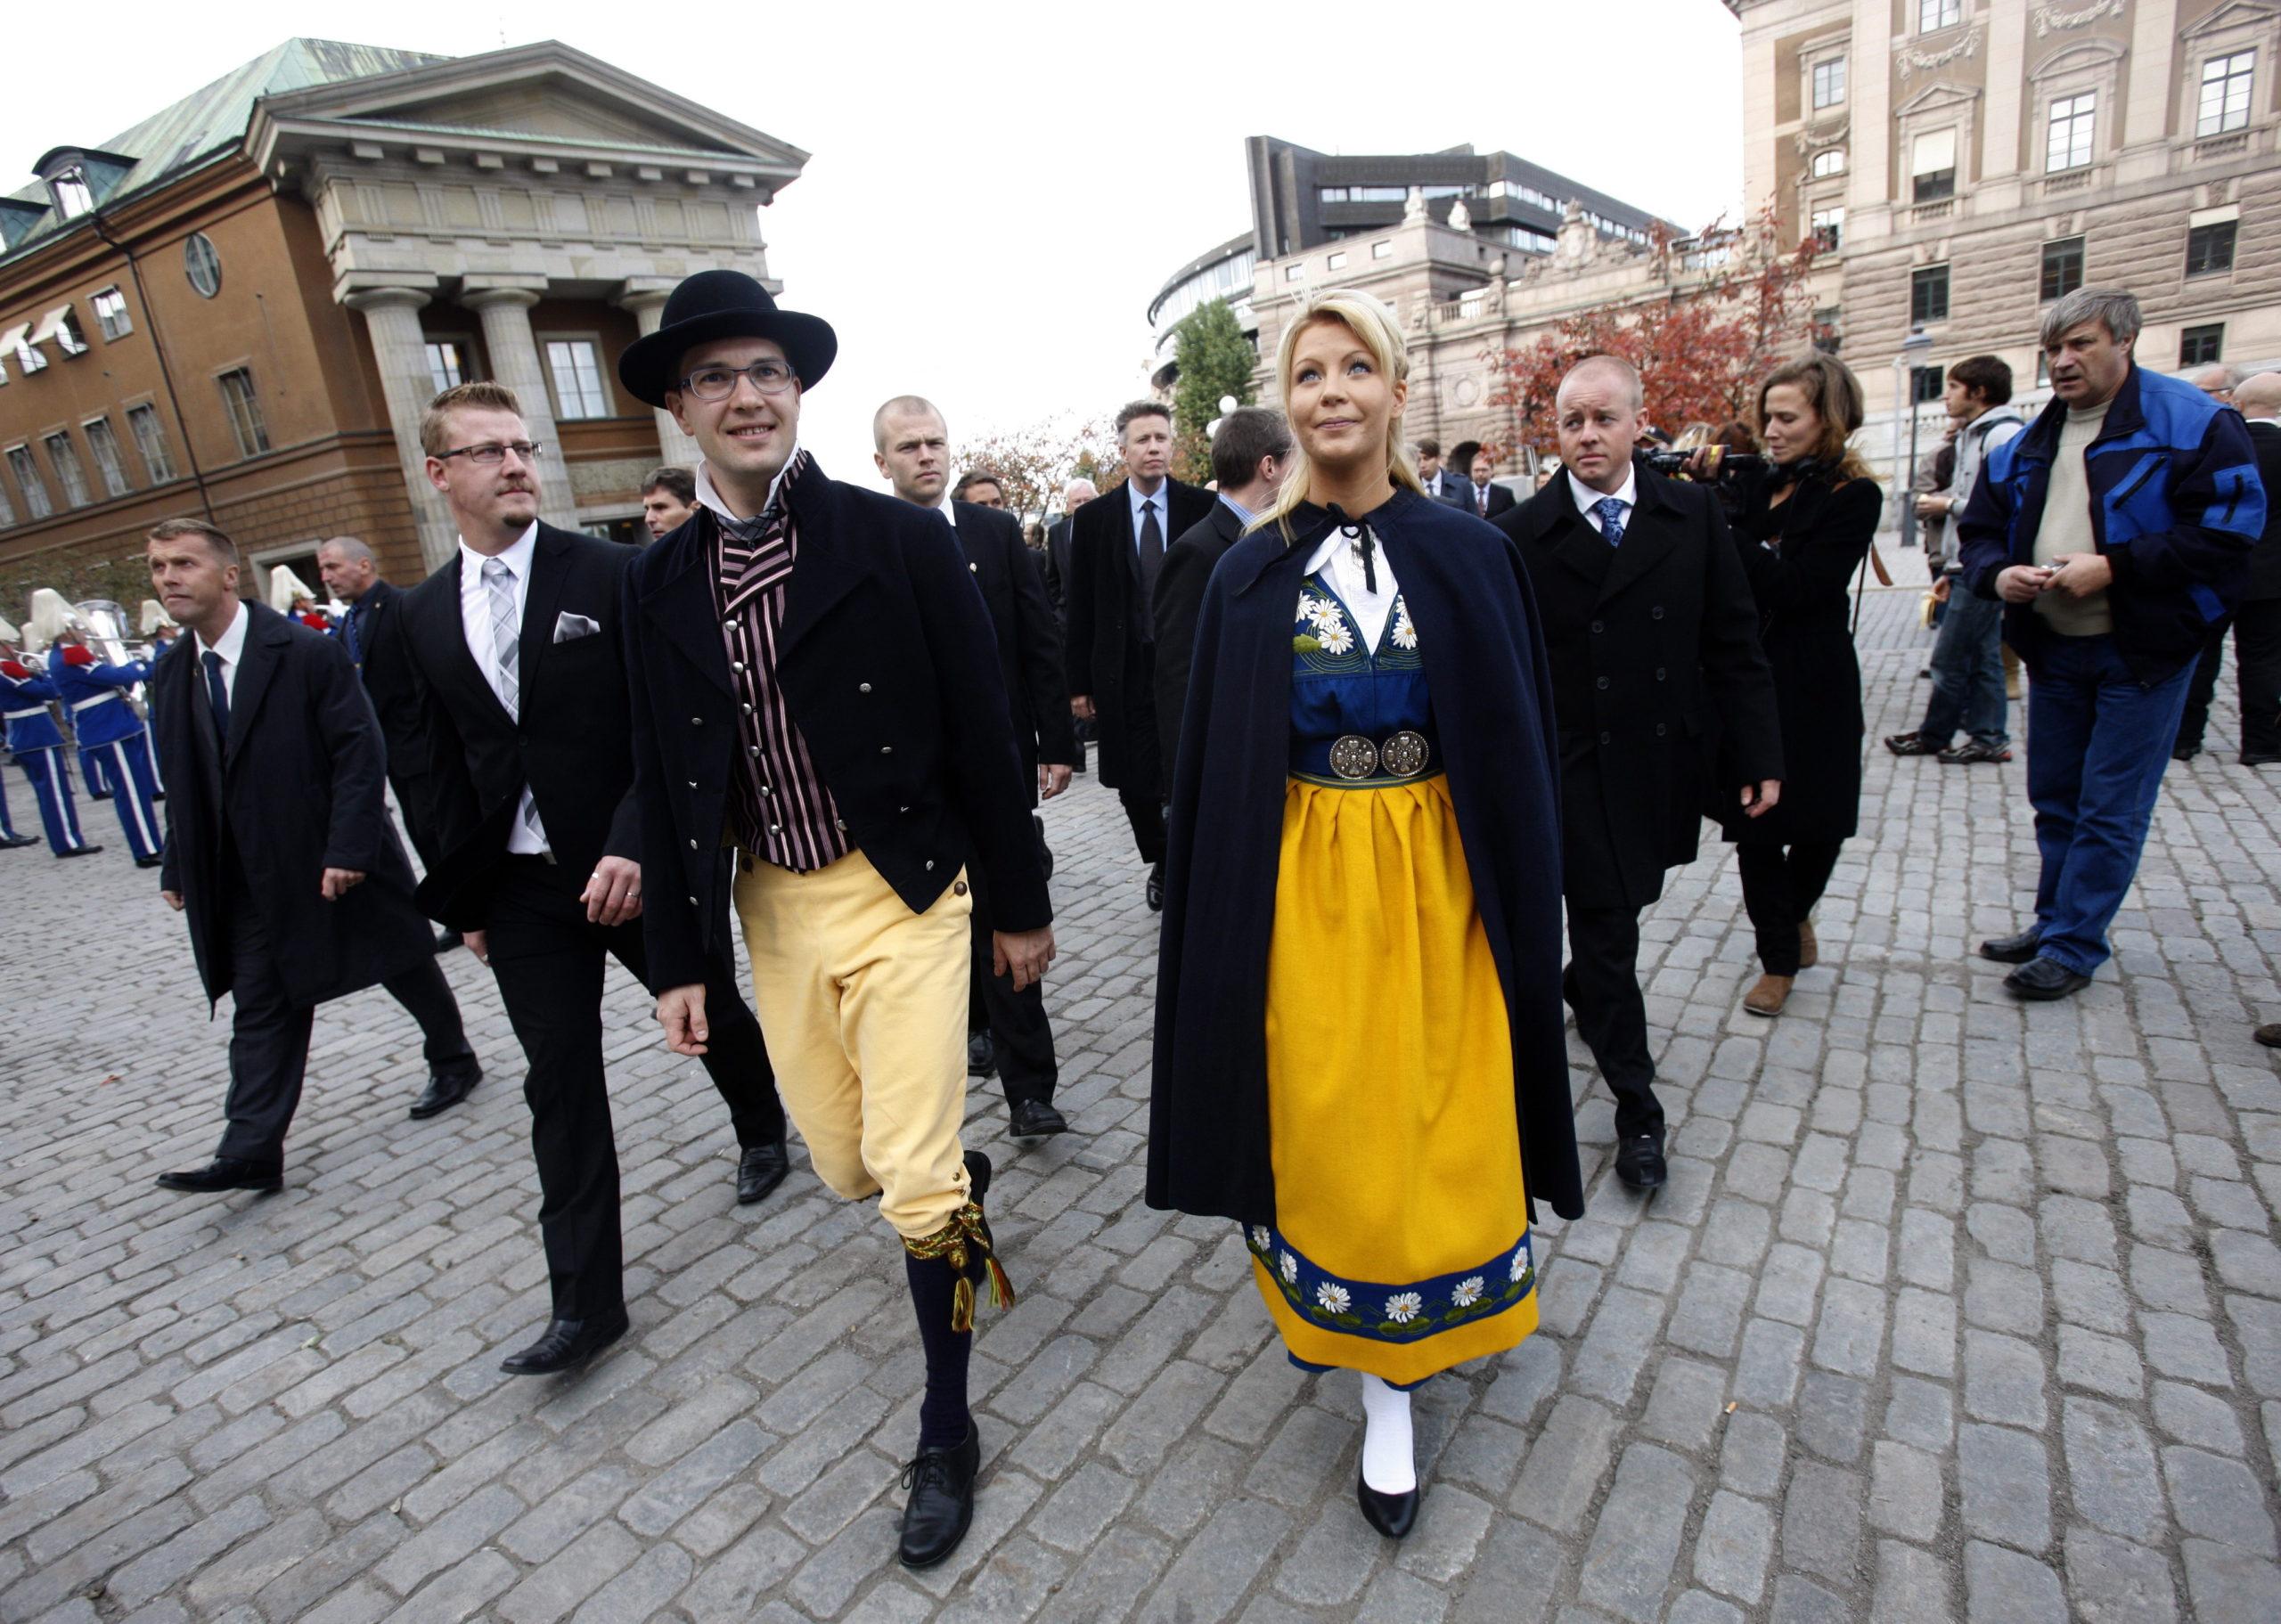 Ruotsidemokraattien johtaja Jimmie Åkesson osallistui puolisonsa Louise Erixonin kanssa valtiopäivien avajaisiin 2010.